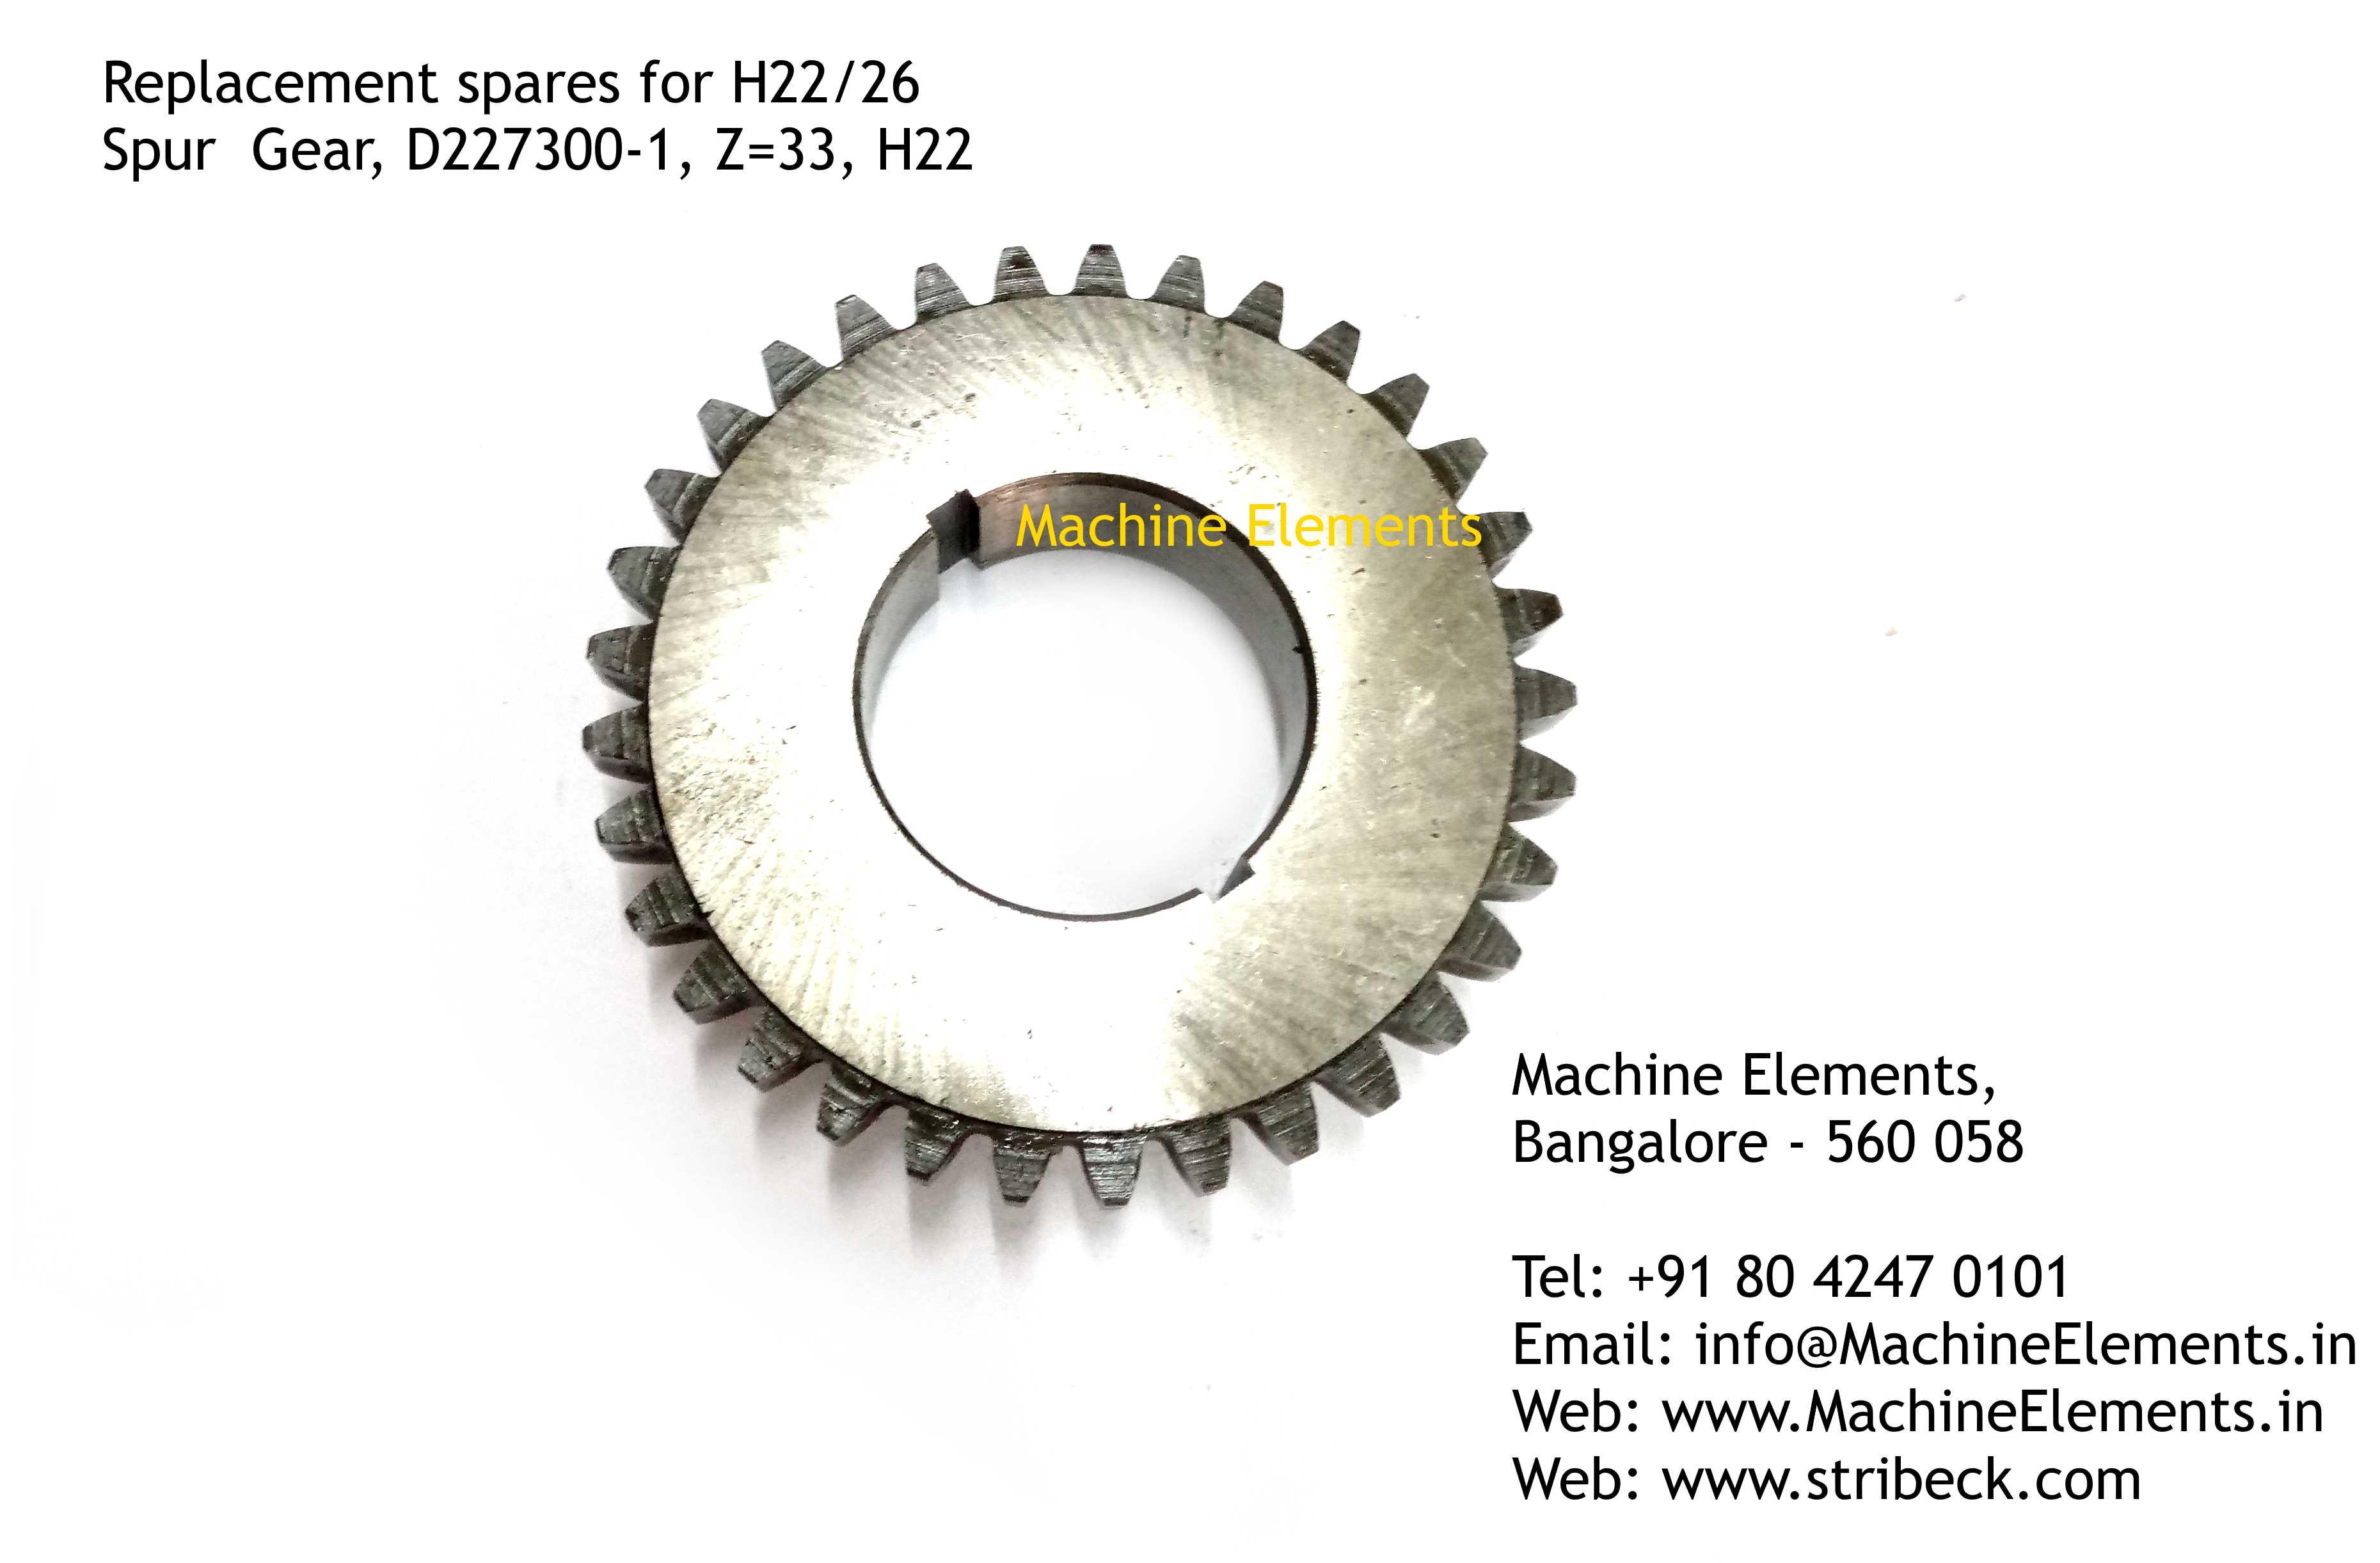 Spur Gear, D227300-1, Z=33